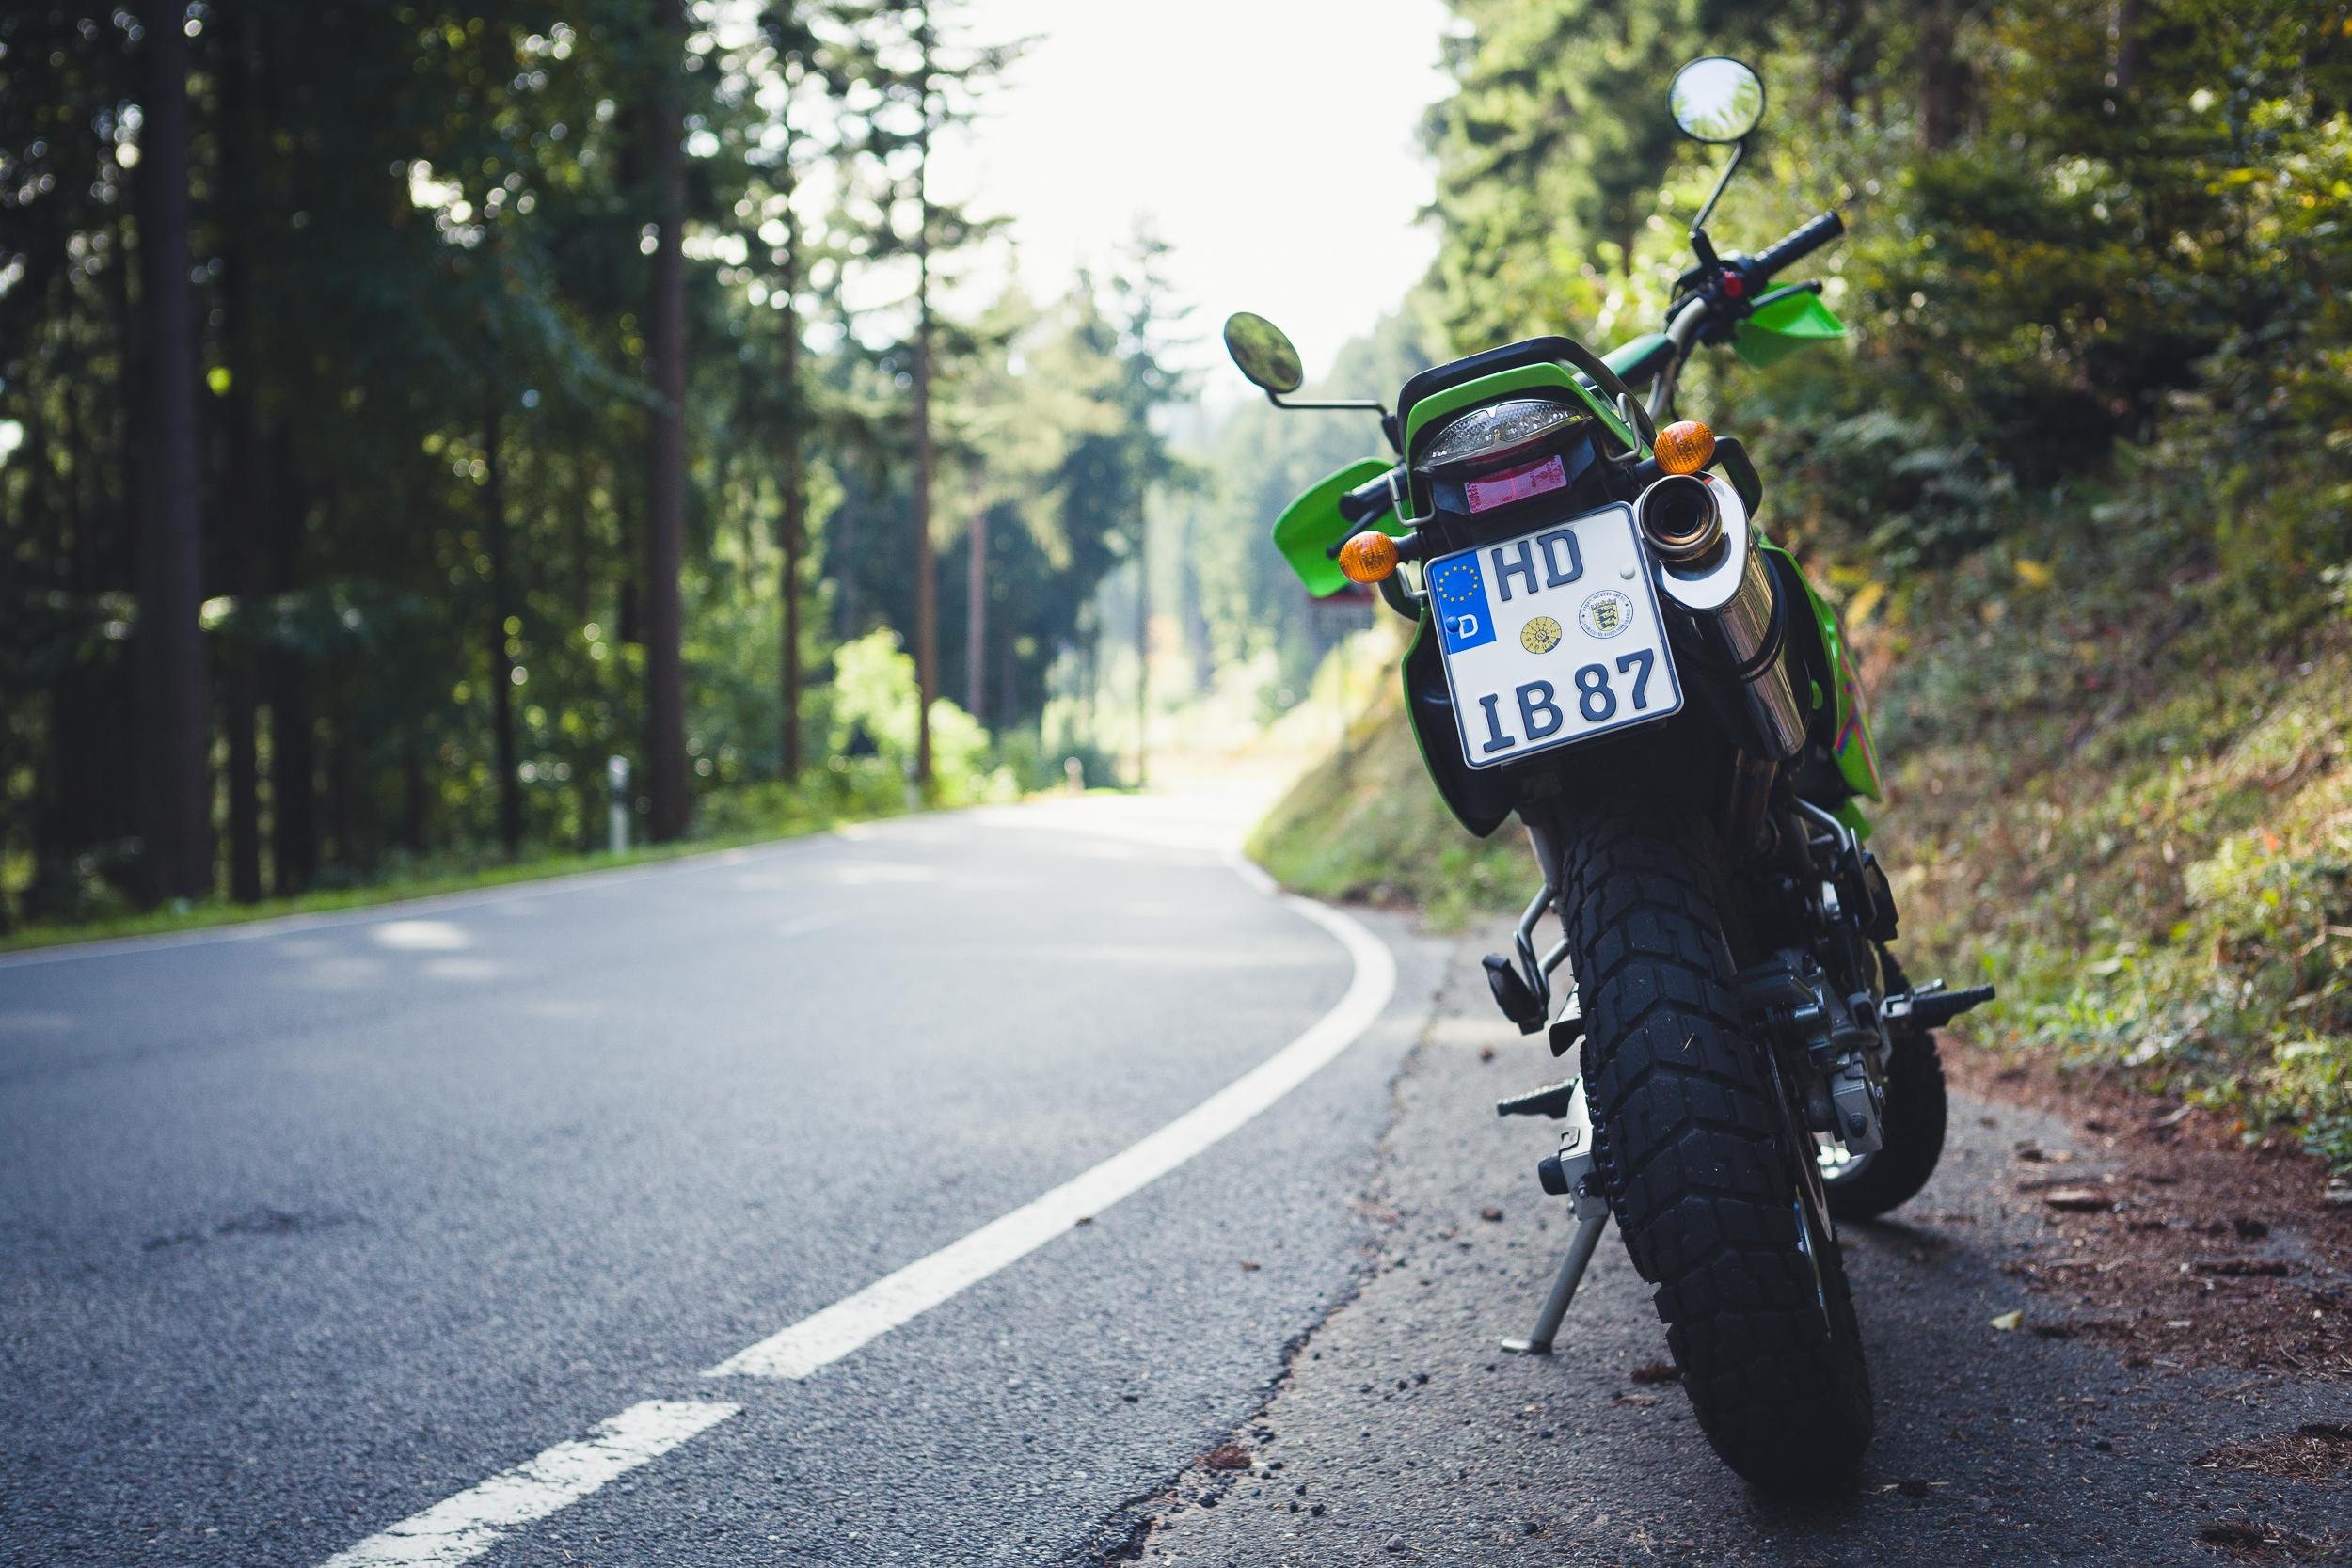 Kawasaki-HD-131003-0008